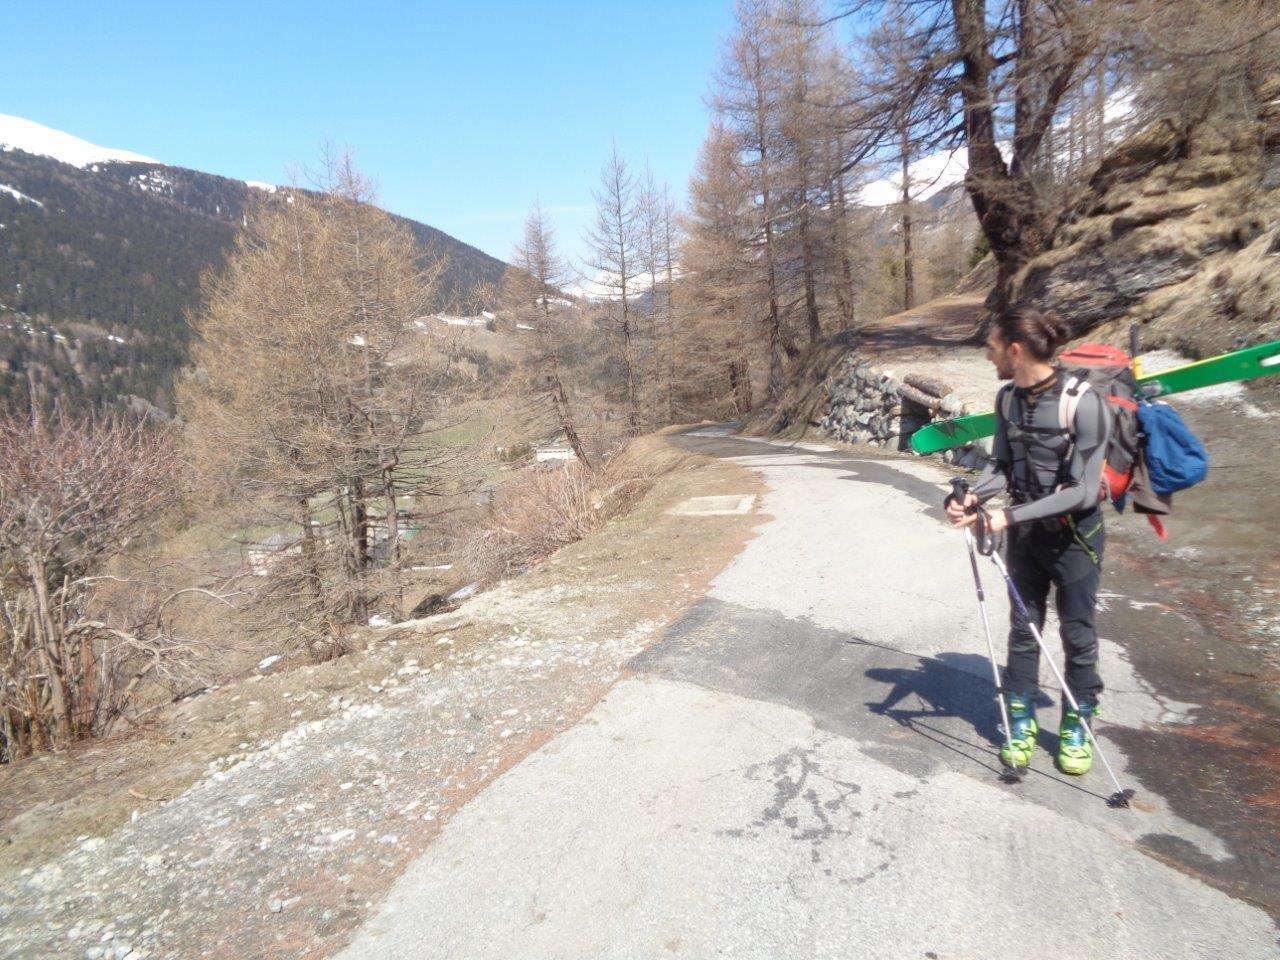 Mettiamo gli sci a quota 1700. Da Bourg dopo mezz'oretta a piedi.